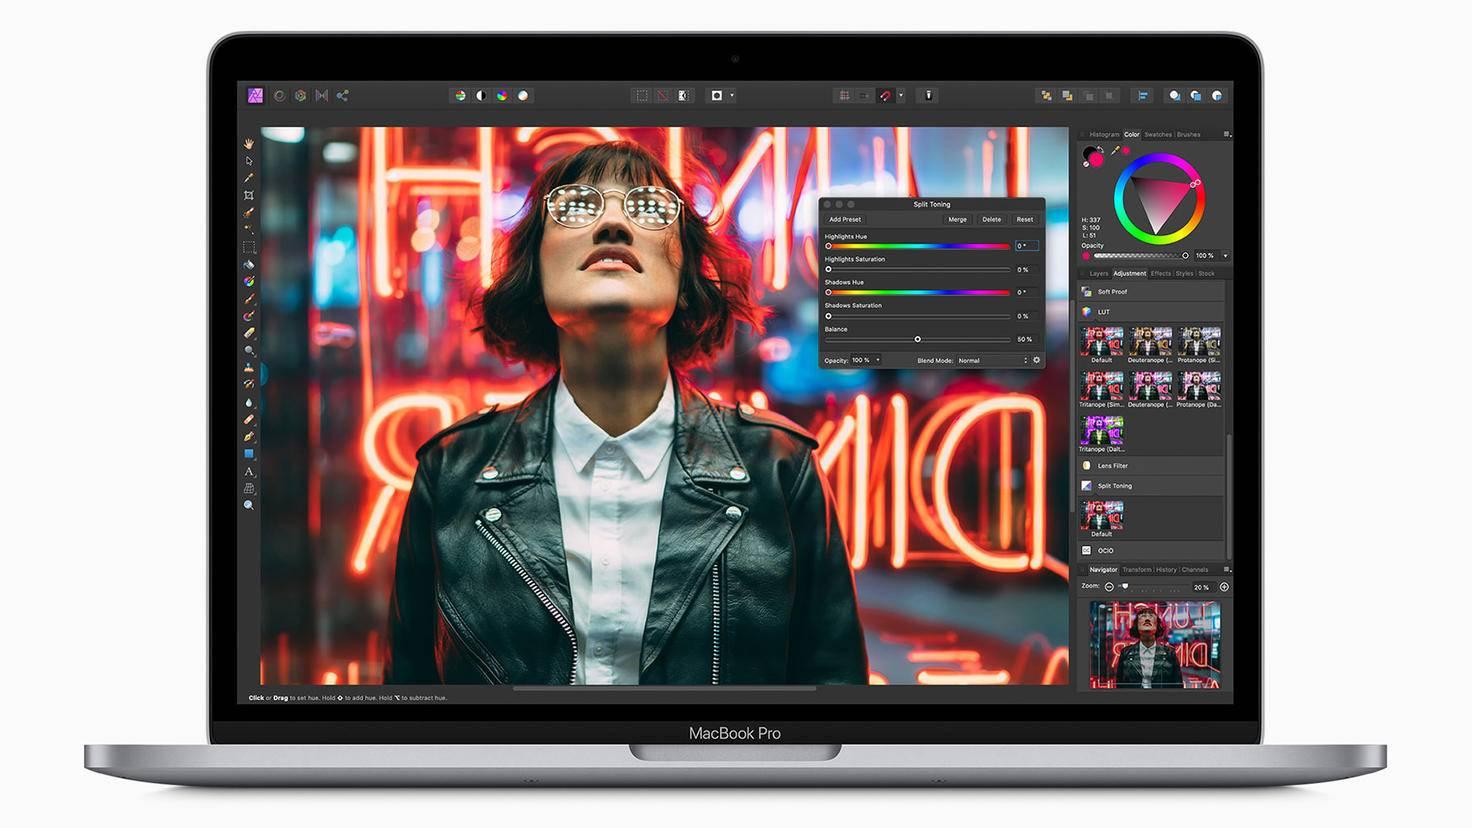 macbook-pro-2020-display